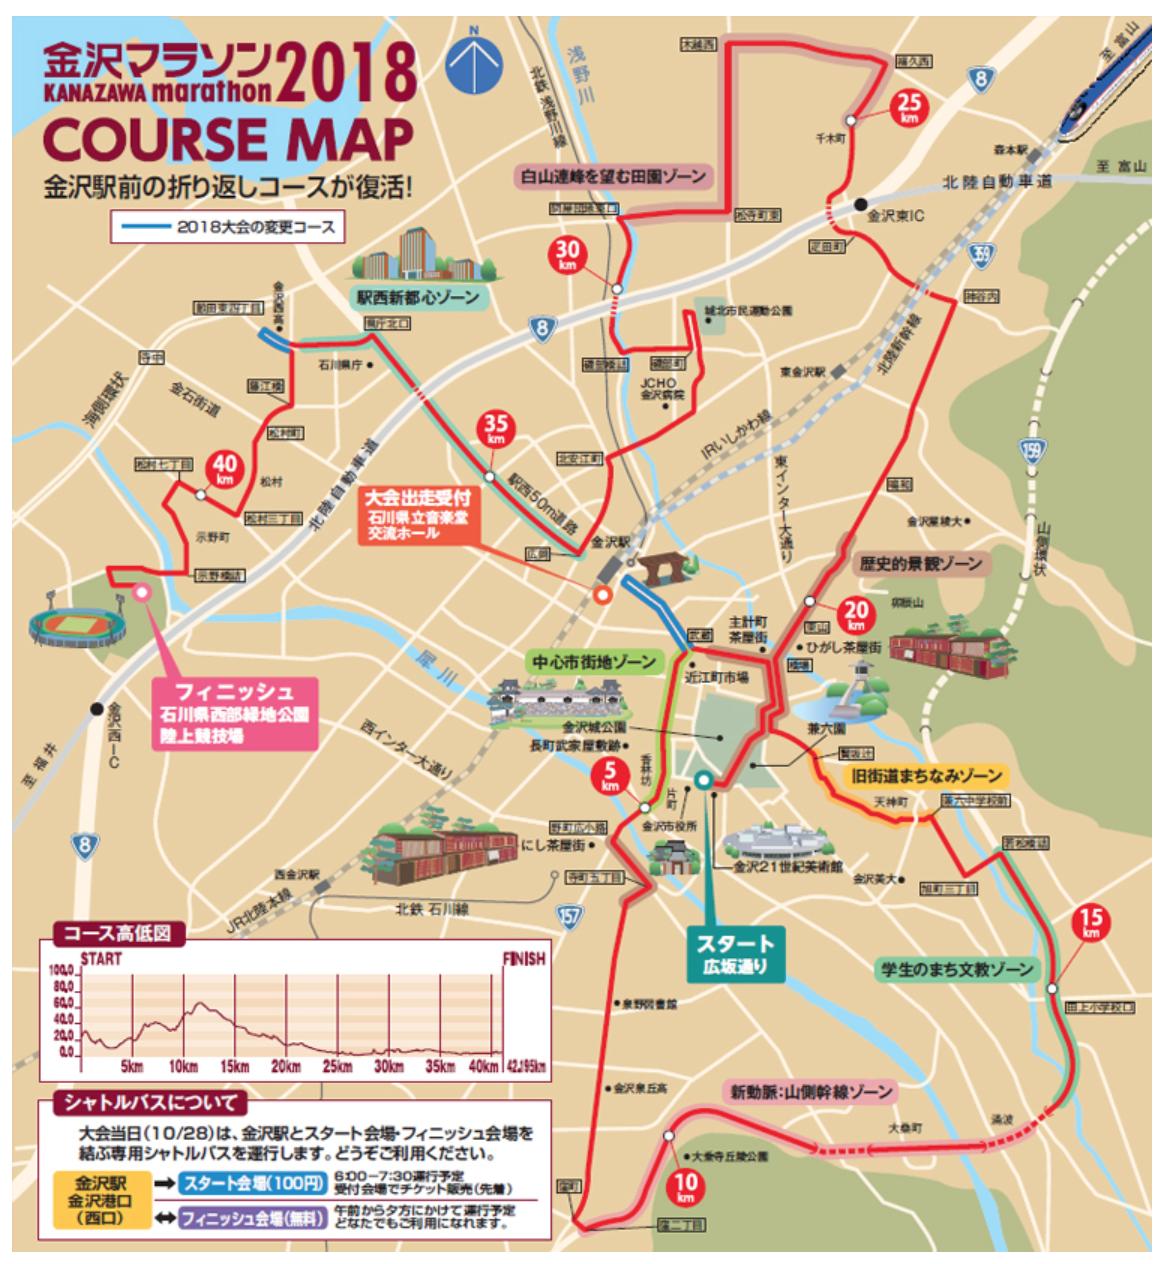 2018金沢マラソン